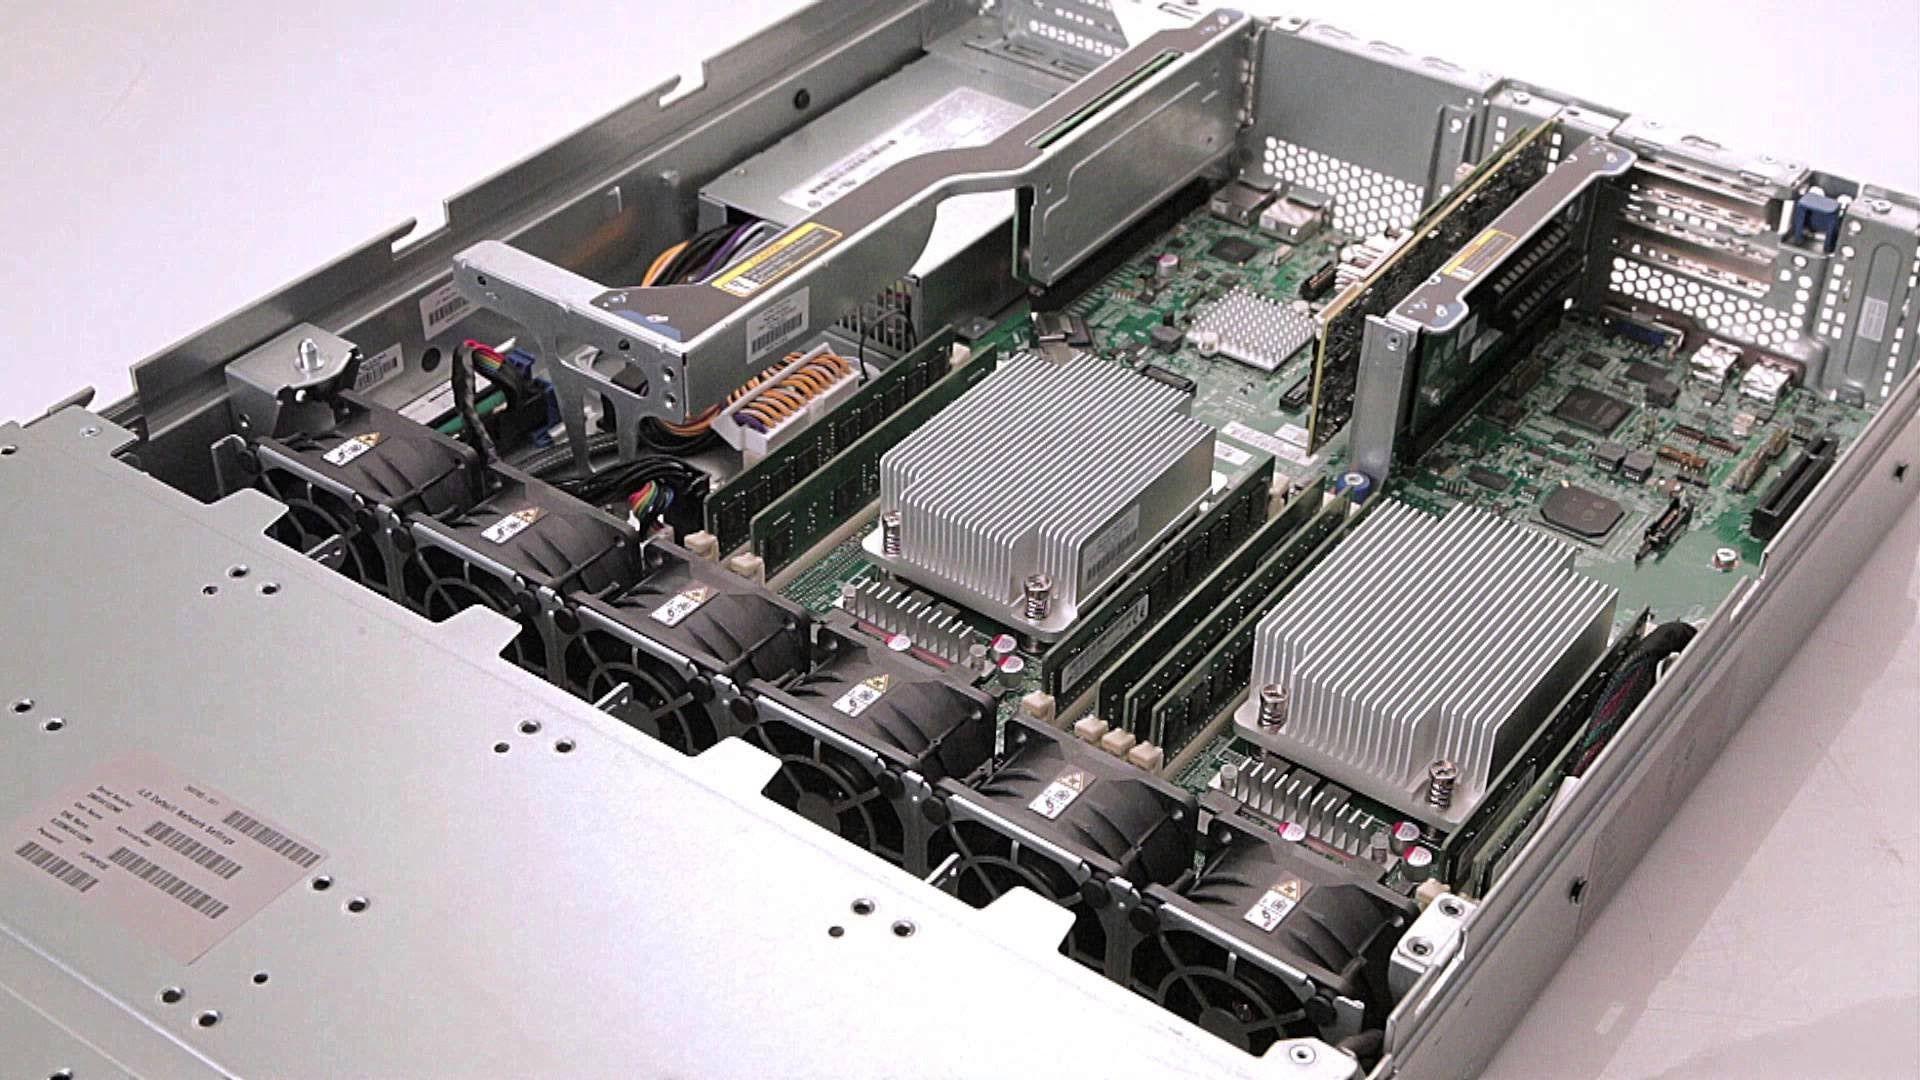 [DangDi.vn] Giới thiệu dòng máy HP ProLiant DL80 Gen9 Server